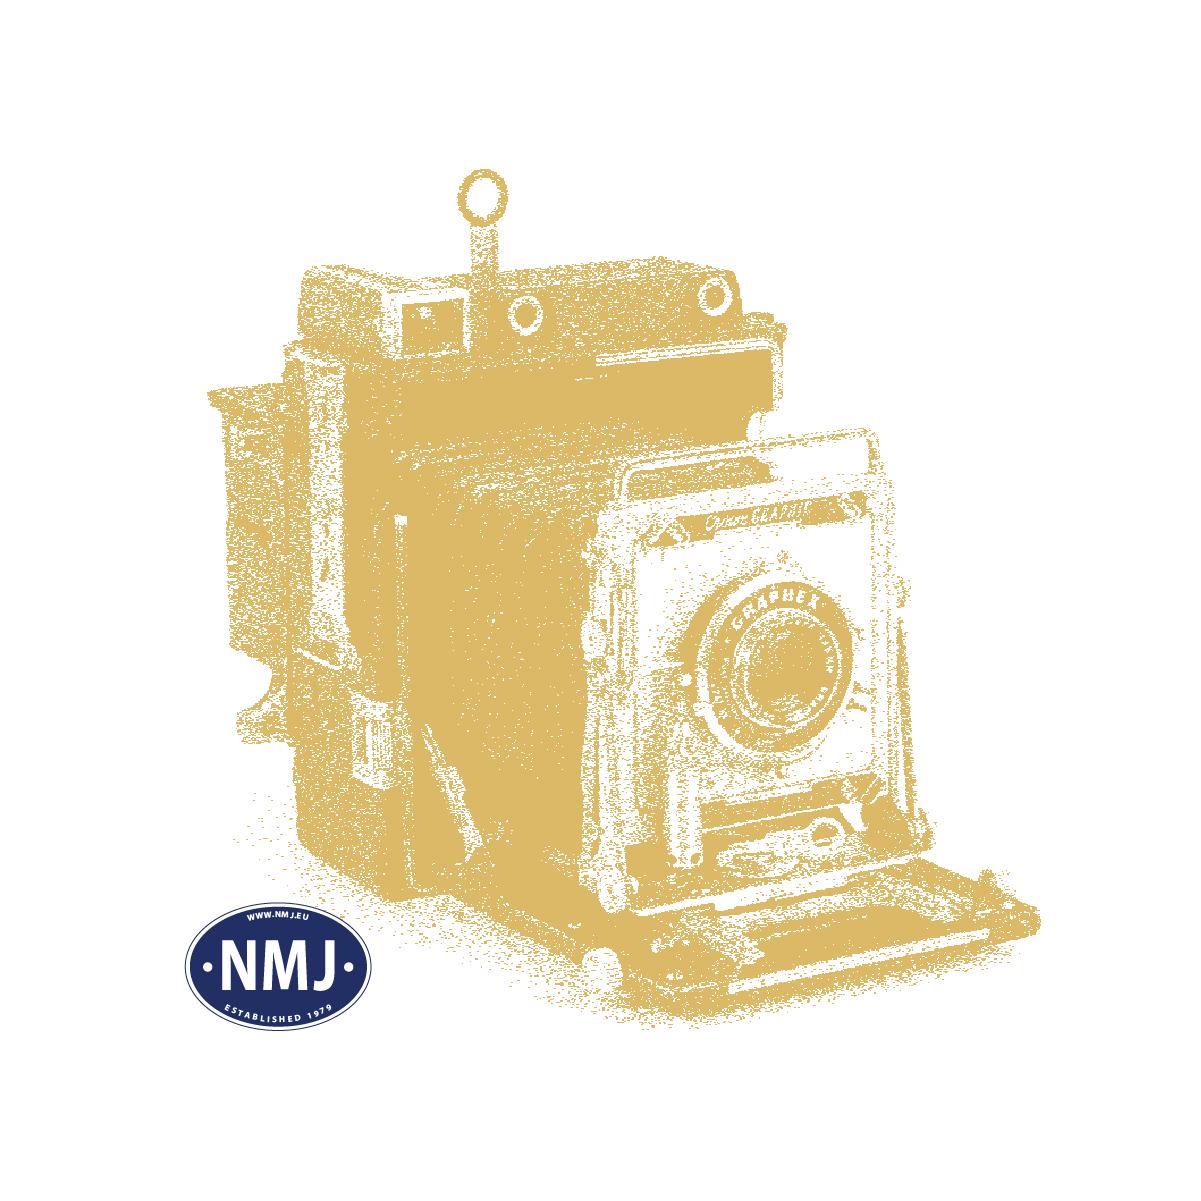 NMJ Superline NSB Stakevogn T3 6573